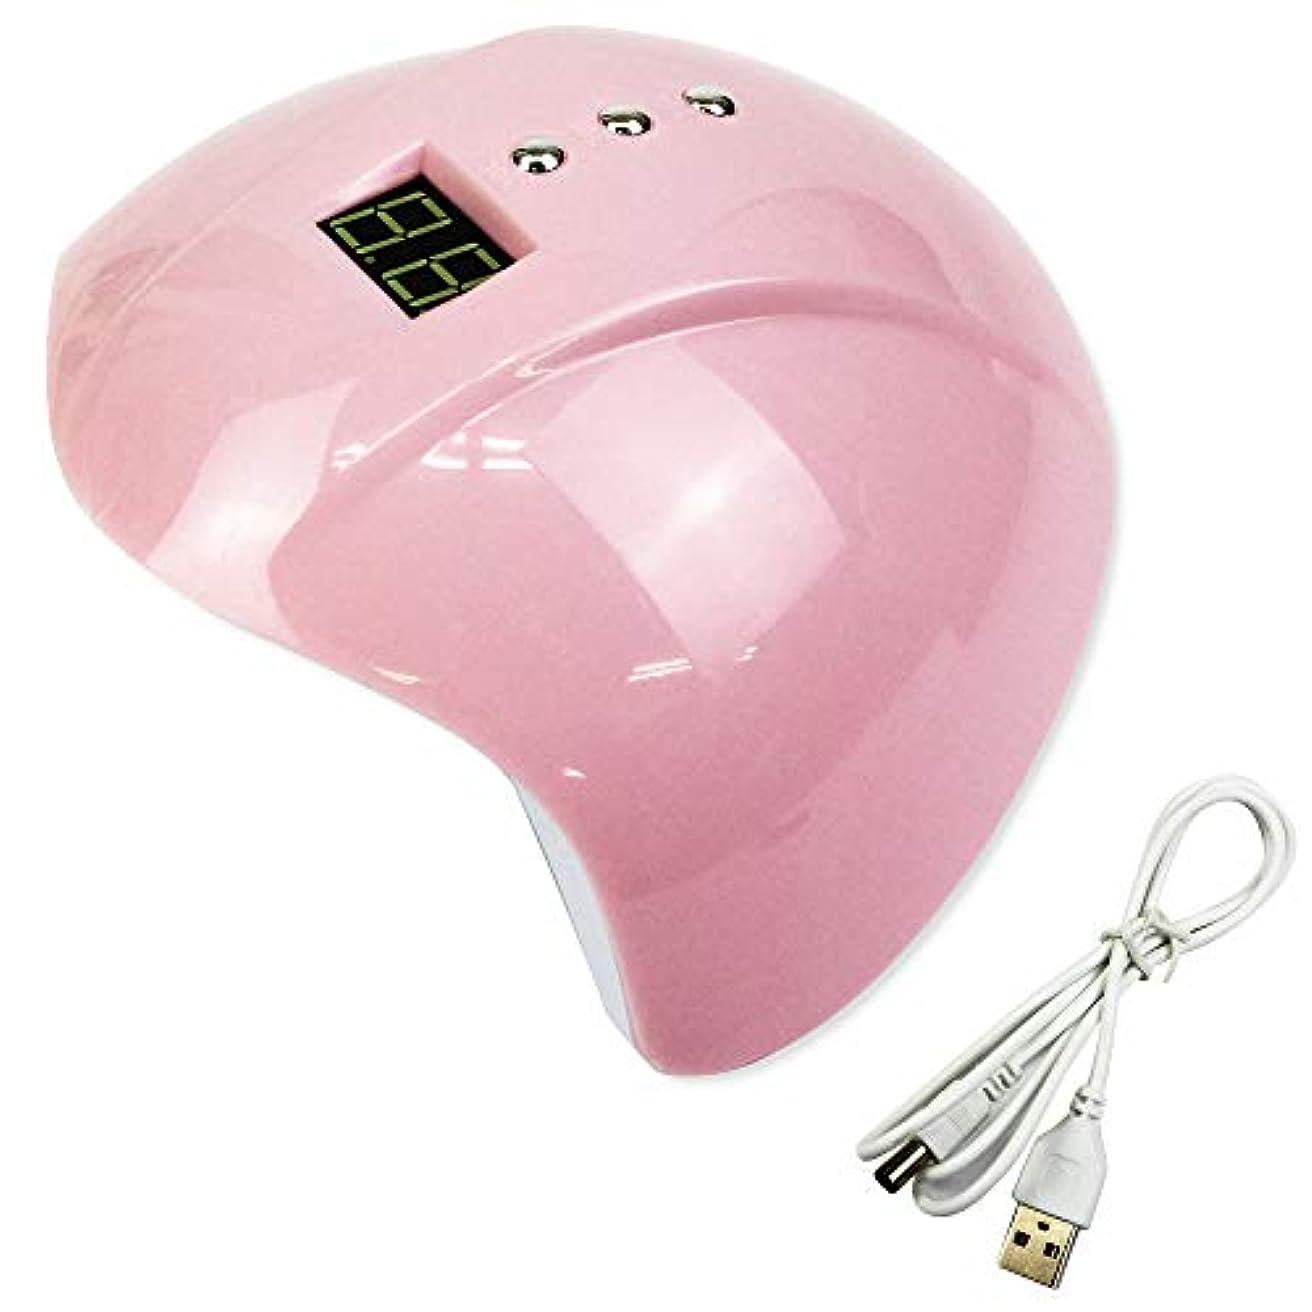 責失効ロデオMUGEN ネイル LEDライト 硬化 ネイルドライヤー ジェルネイル UVライト 3段階タイマー ネイル道具 (ピンク)